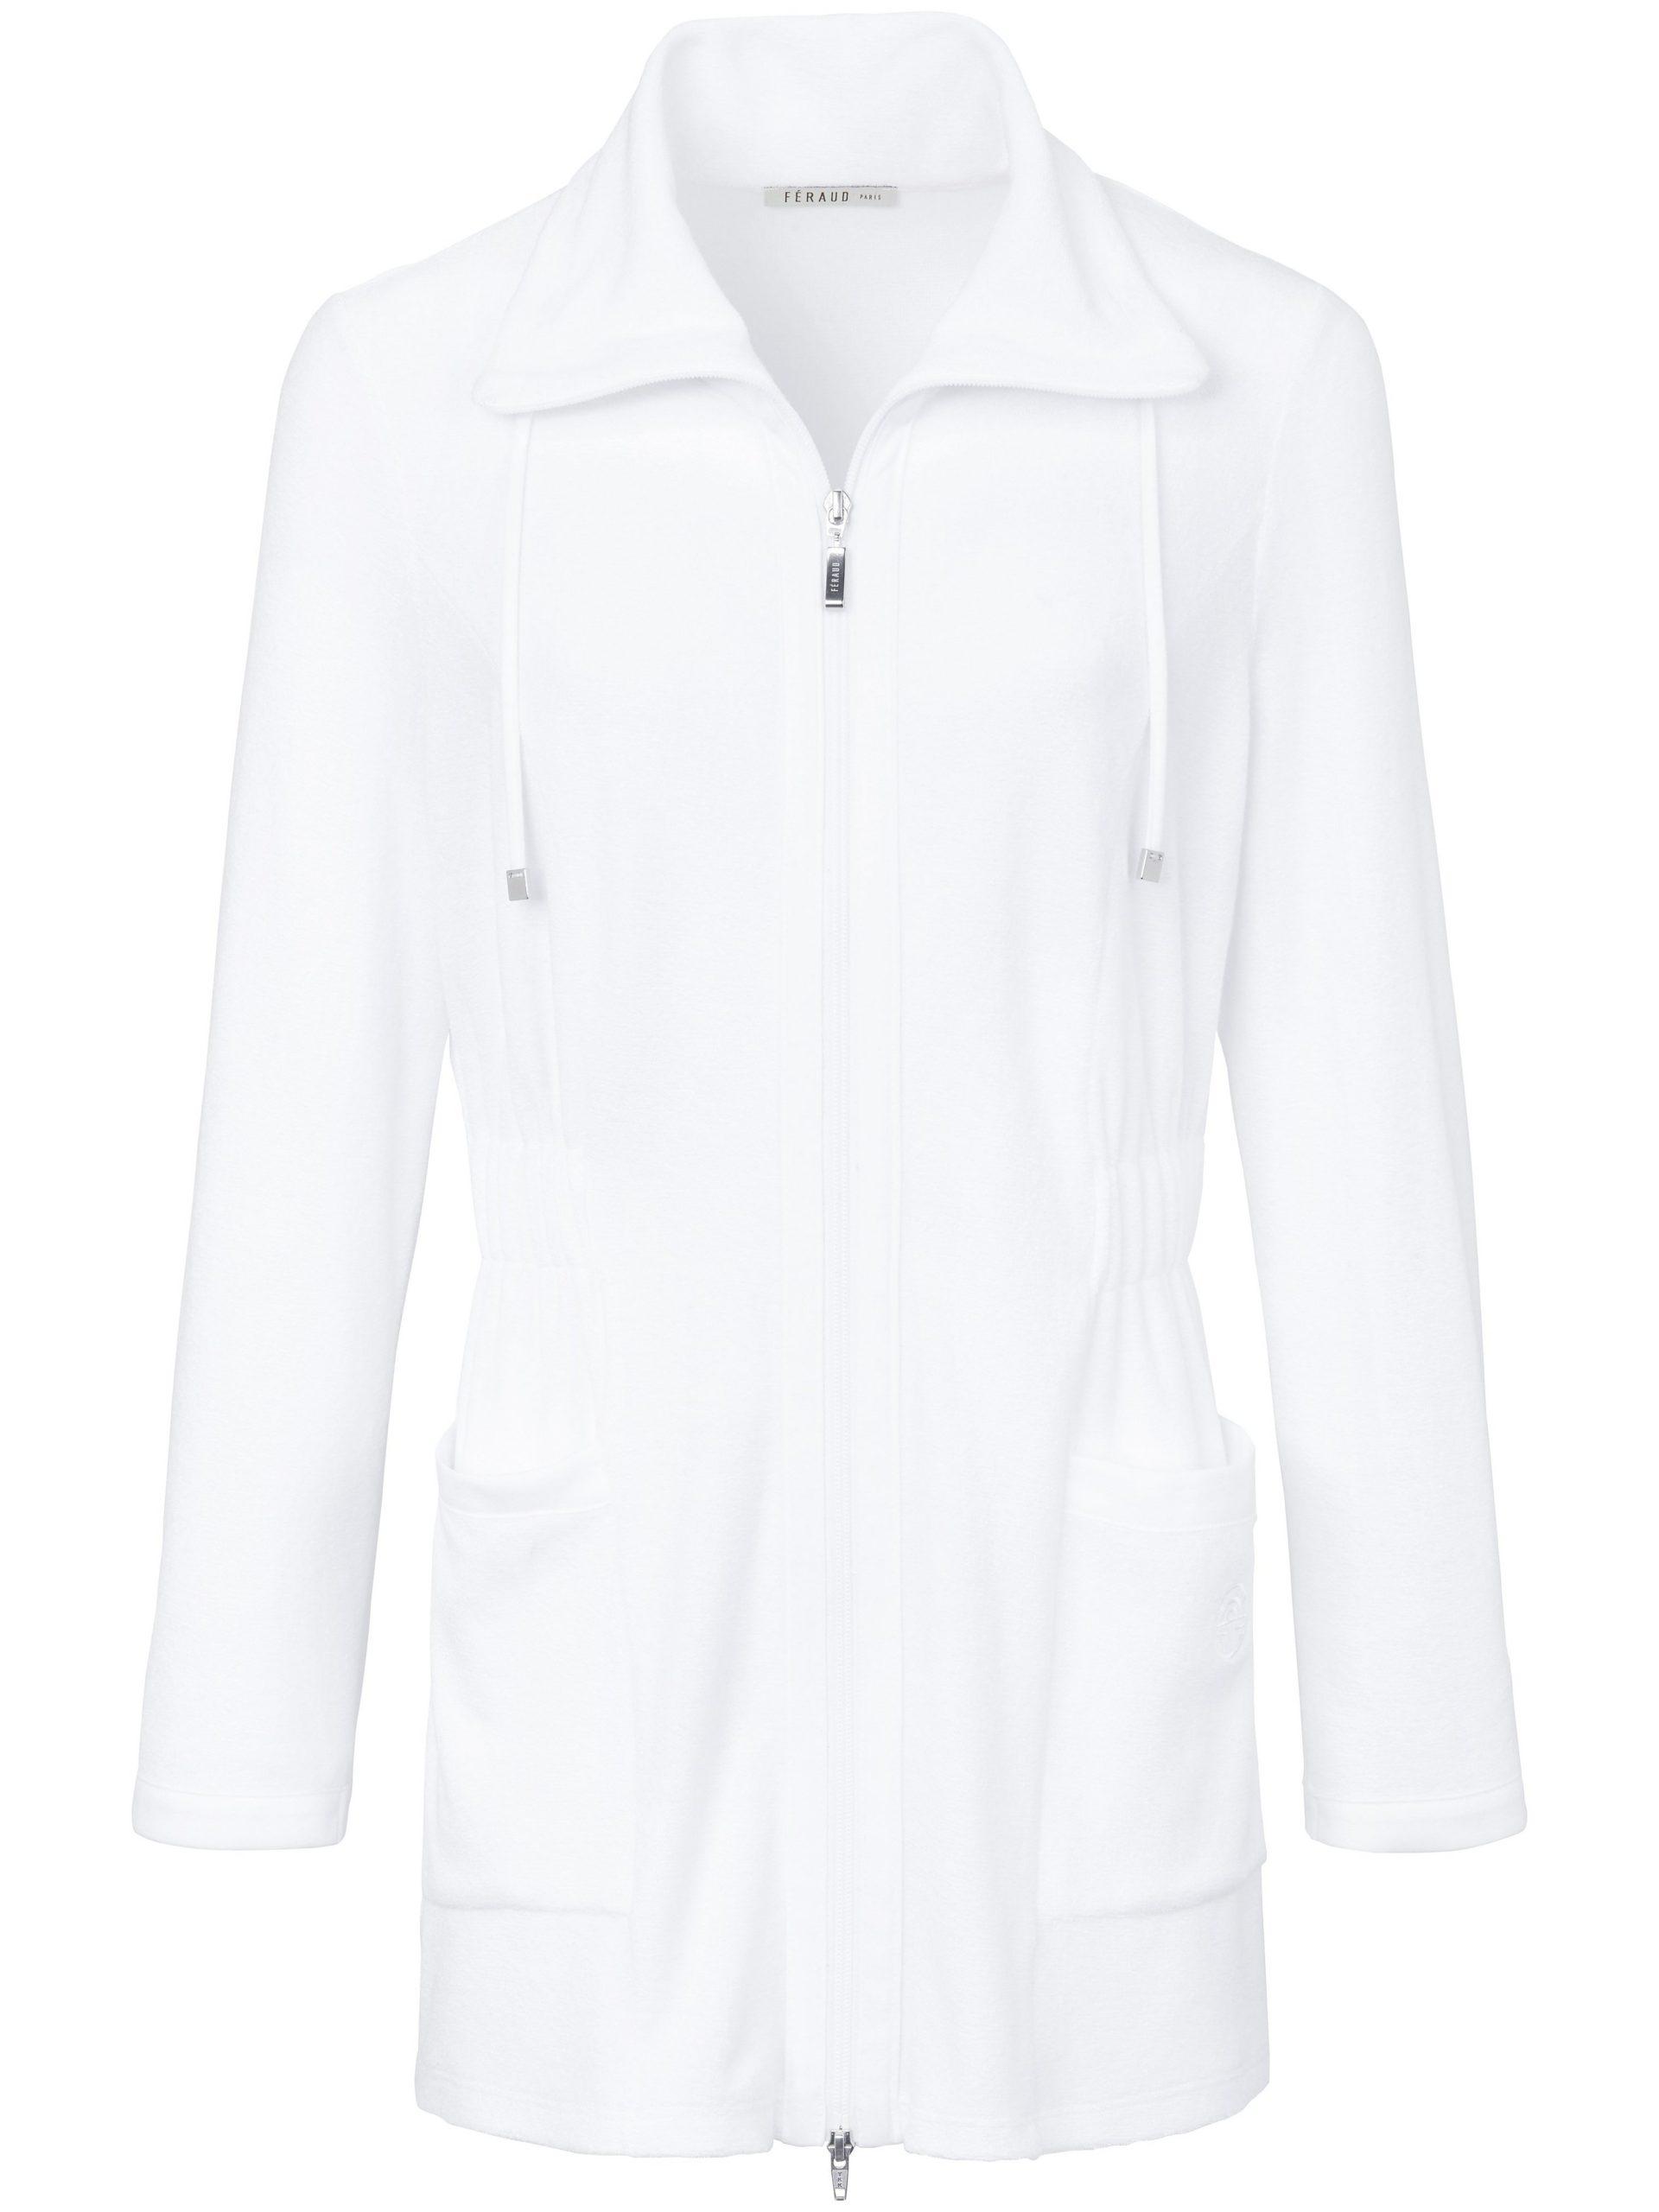 Licht badstofpak met een jasje met lange mouwen Van Féraud wit Kopen